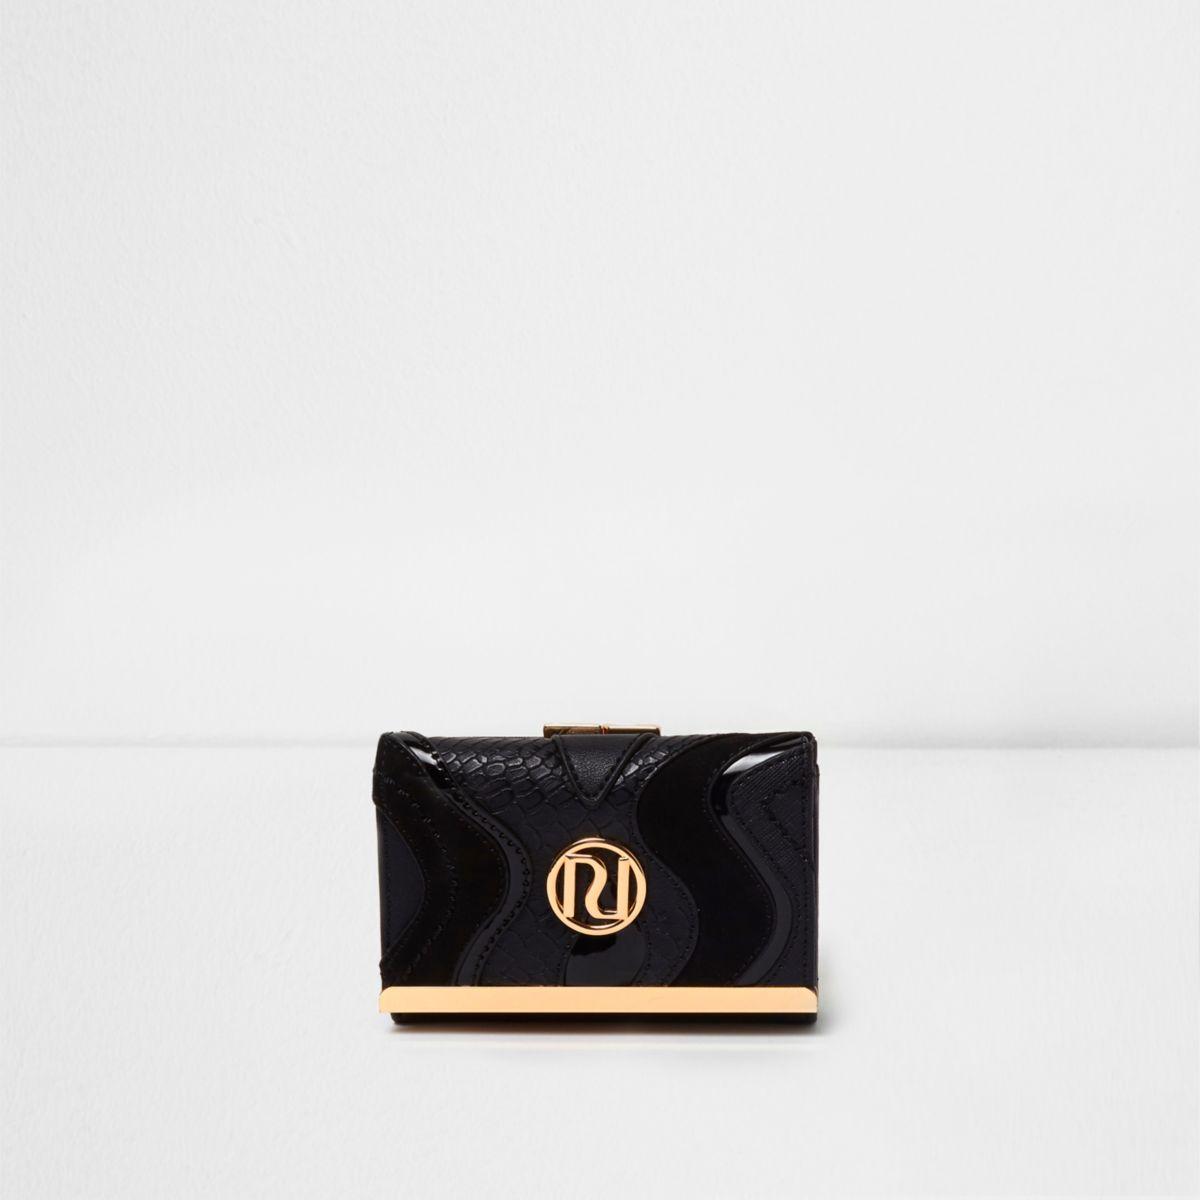 Mini porte-monnaie noir avec empiècements à découpes et fermoir clip